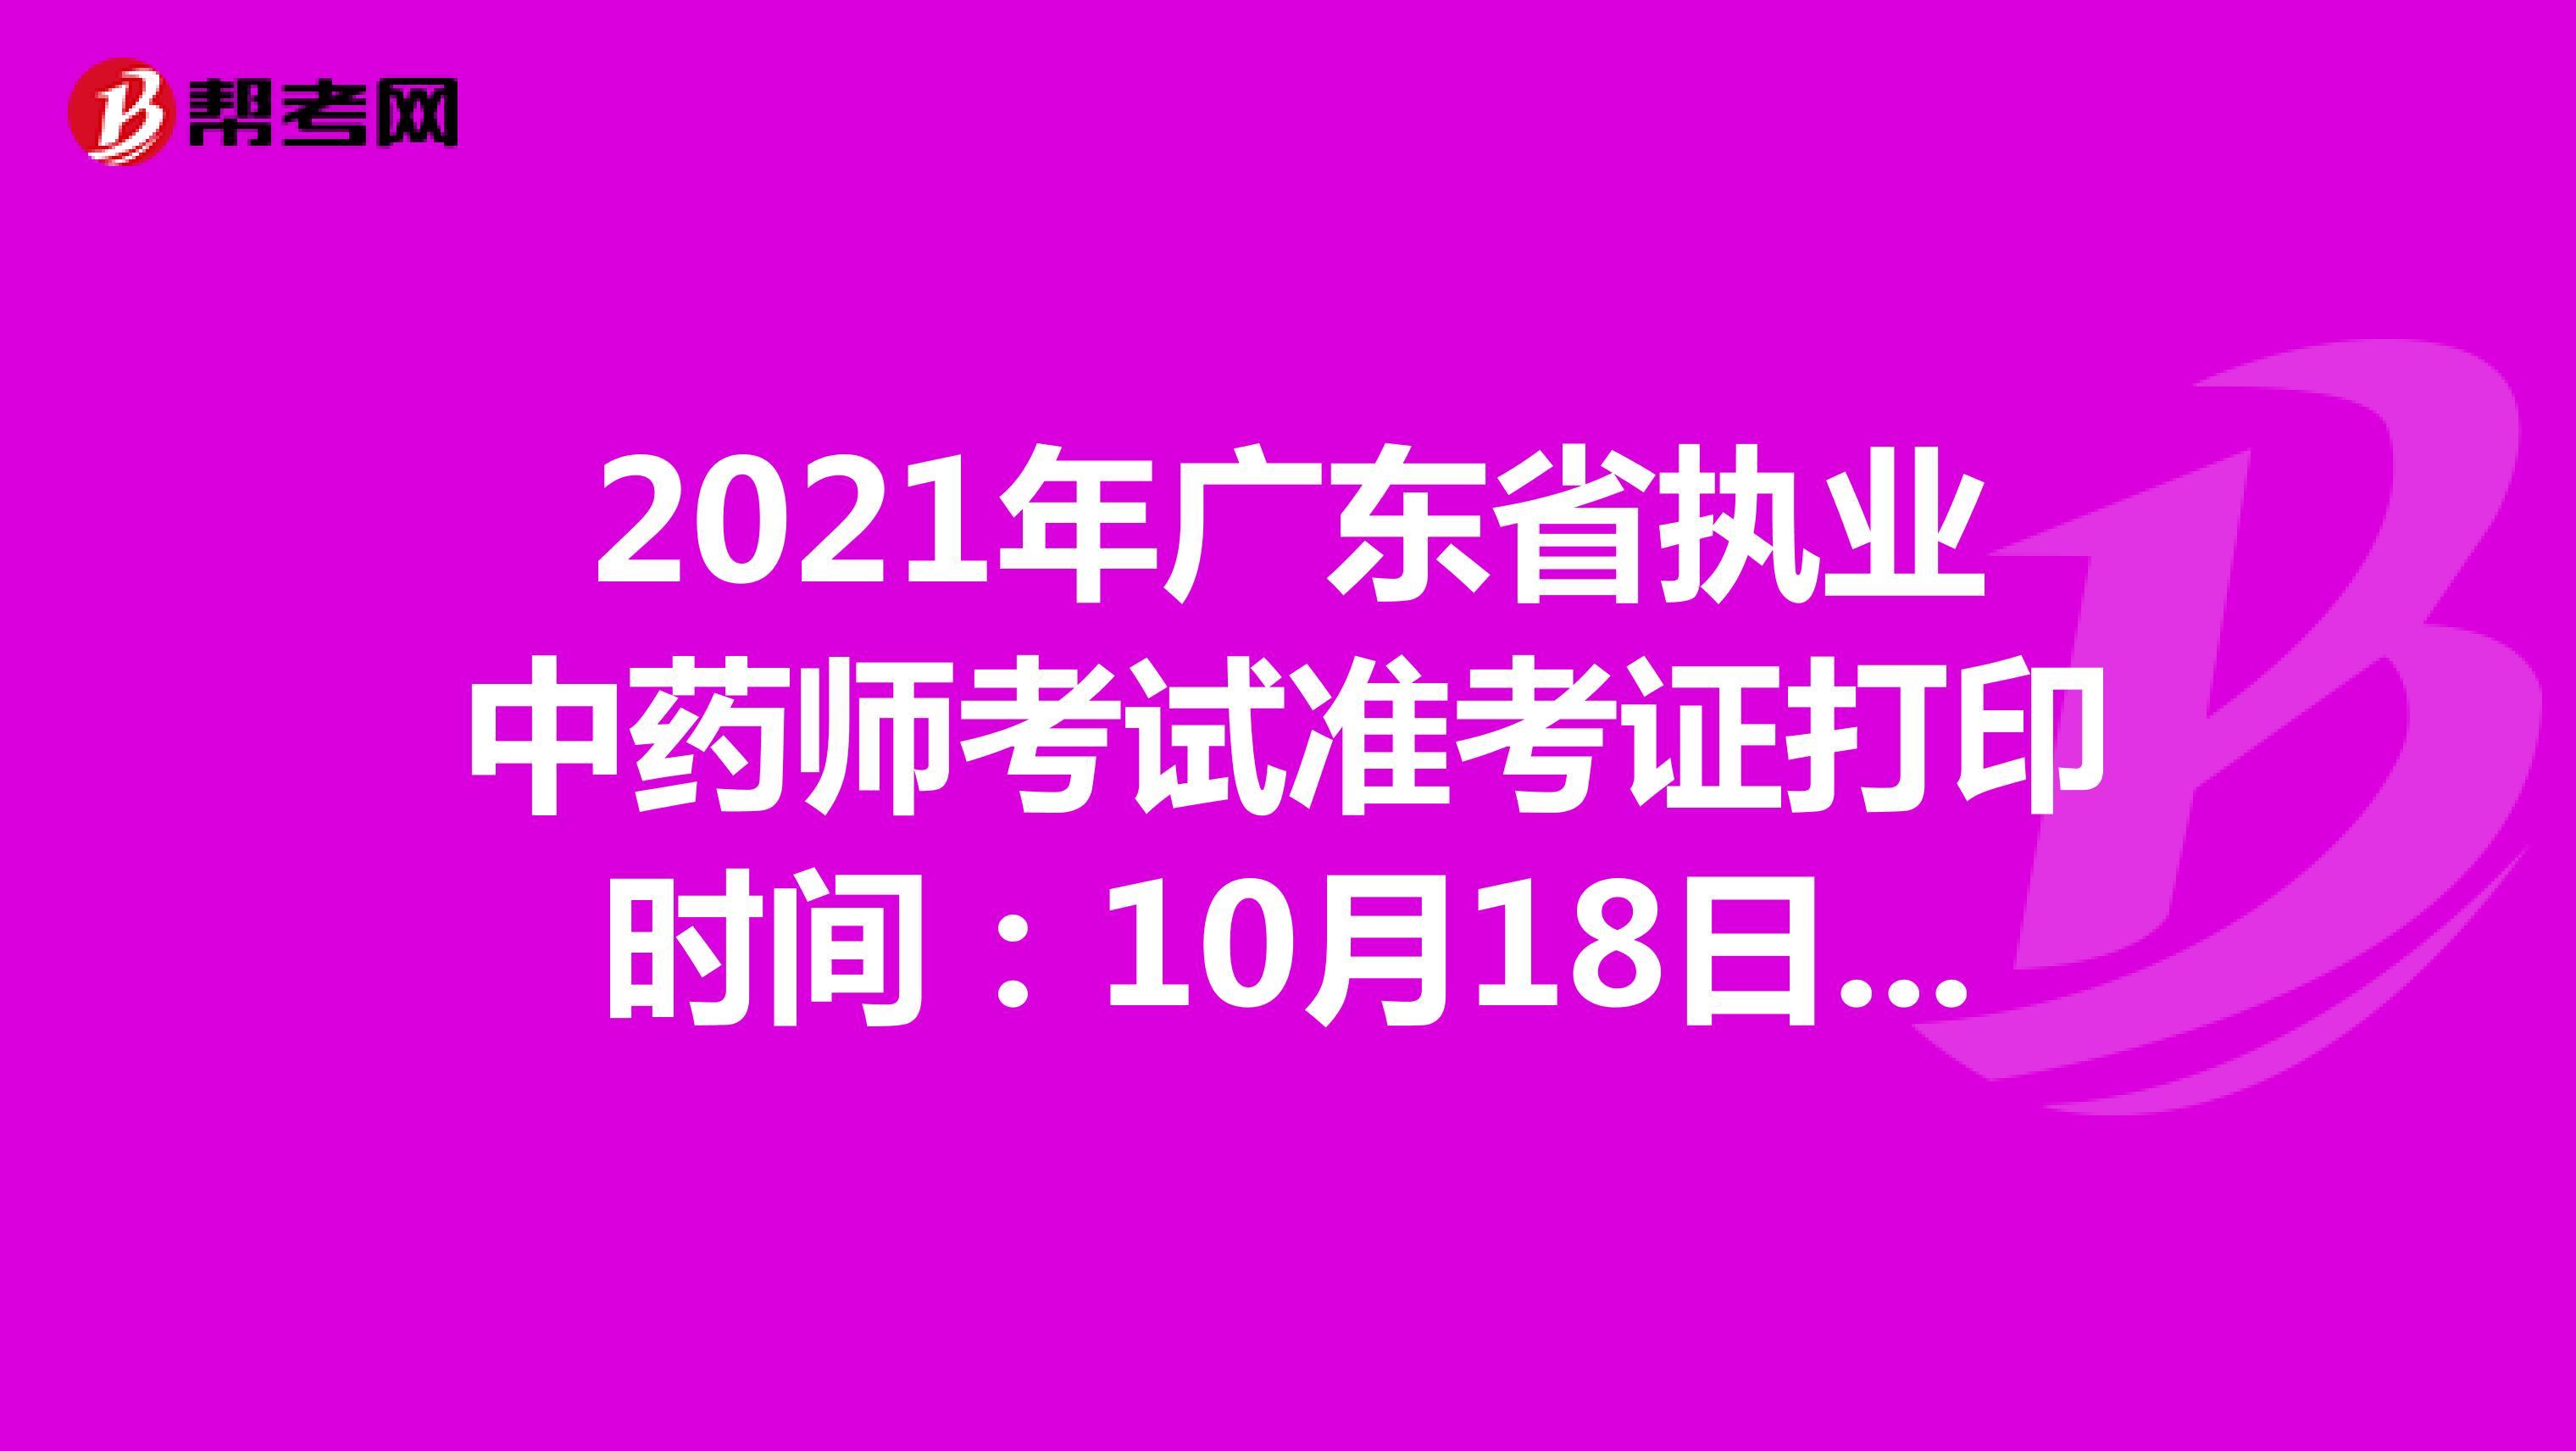 2021年广东省执业中药师考试准考证打印时间:10月18日-10月22日